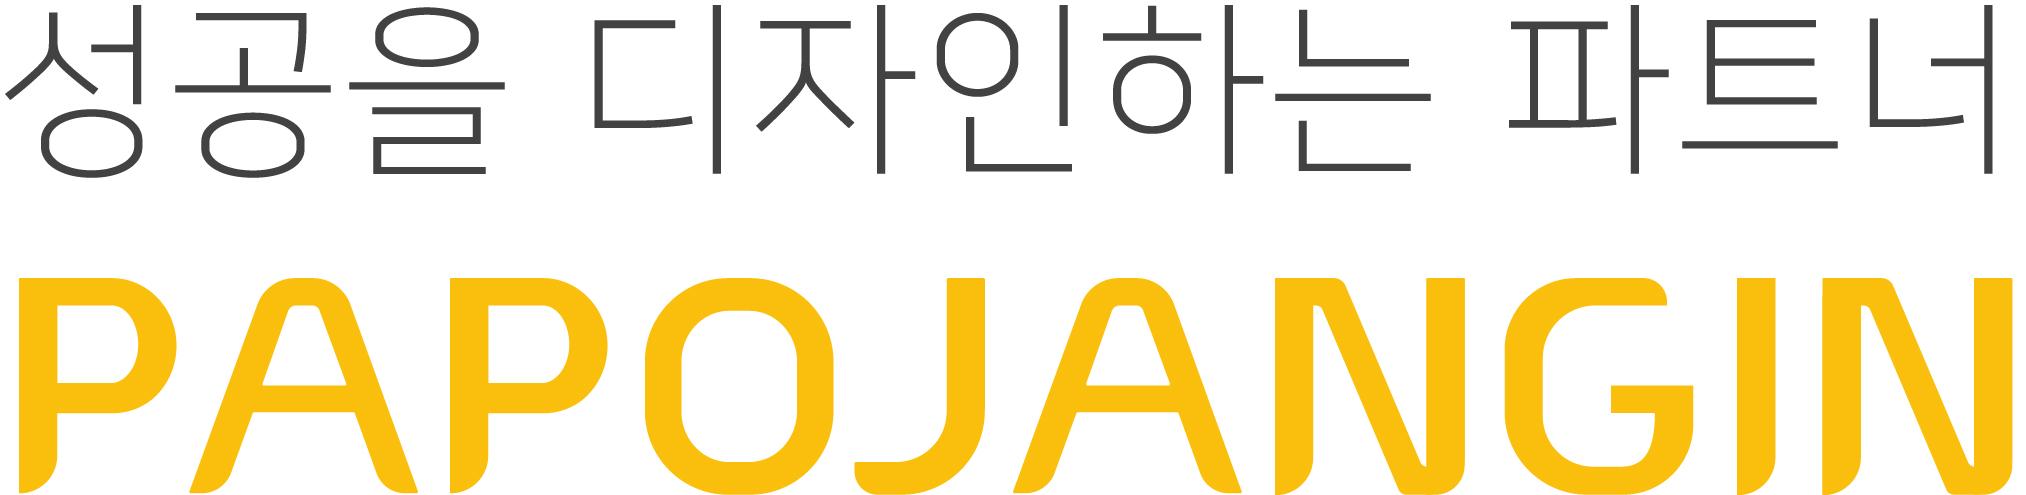 ppt제작 업체, 공공기관, 사업계획서